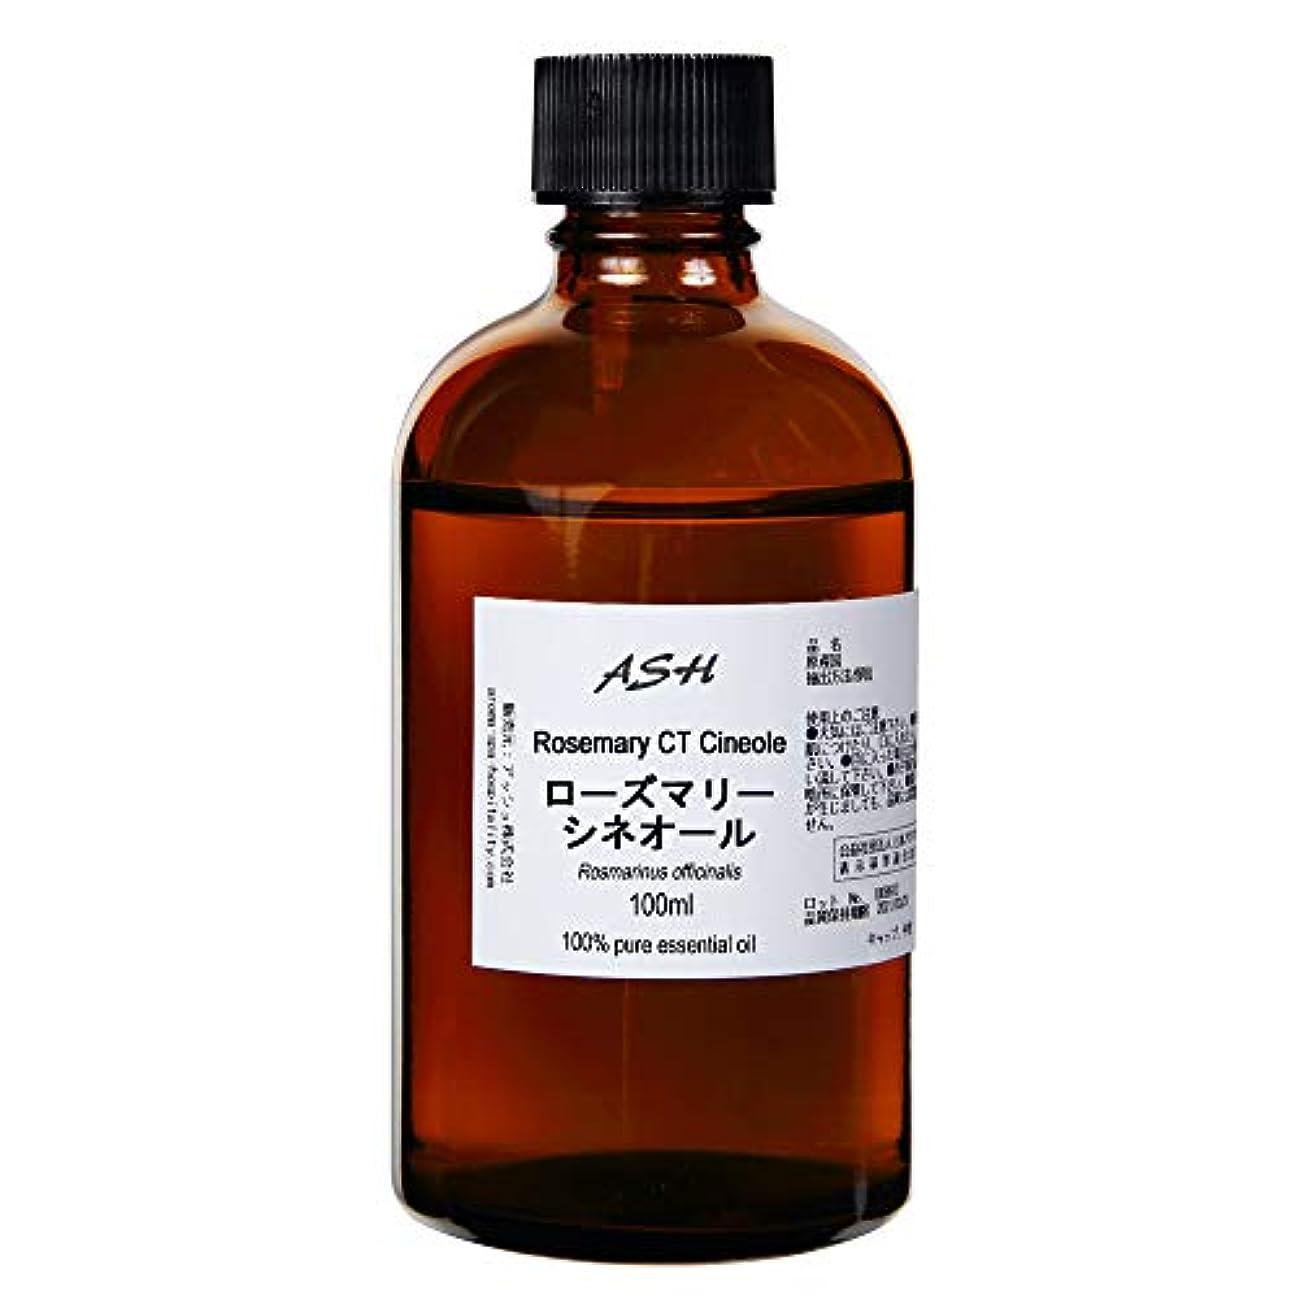 マグシャンプー確率ASH ローズマリー (CTシネオール) エッセンシャルオイル 100ml AEAJ表示基準適合認定精油